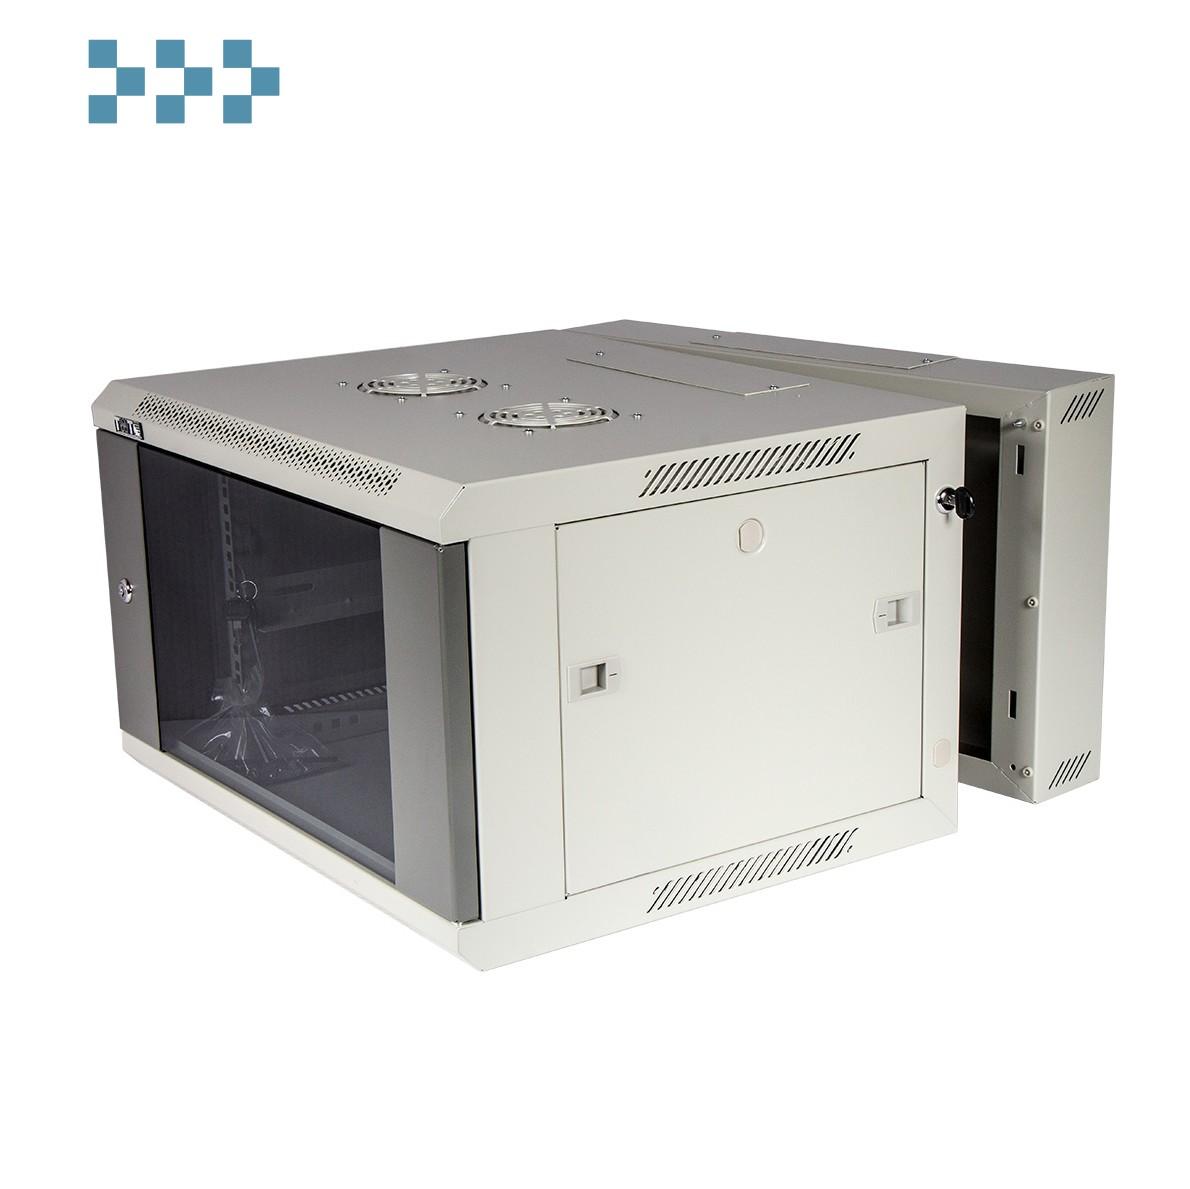 Шкаф настенный серии Pro 3-секционный со стеклянной дверью TWT-CBW3G-6U-6×6-GY